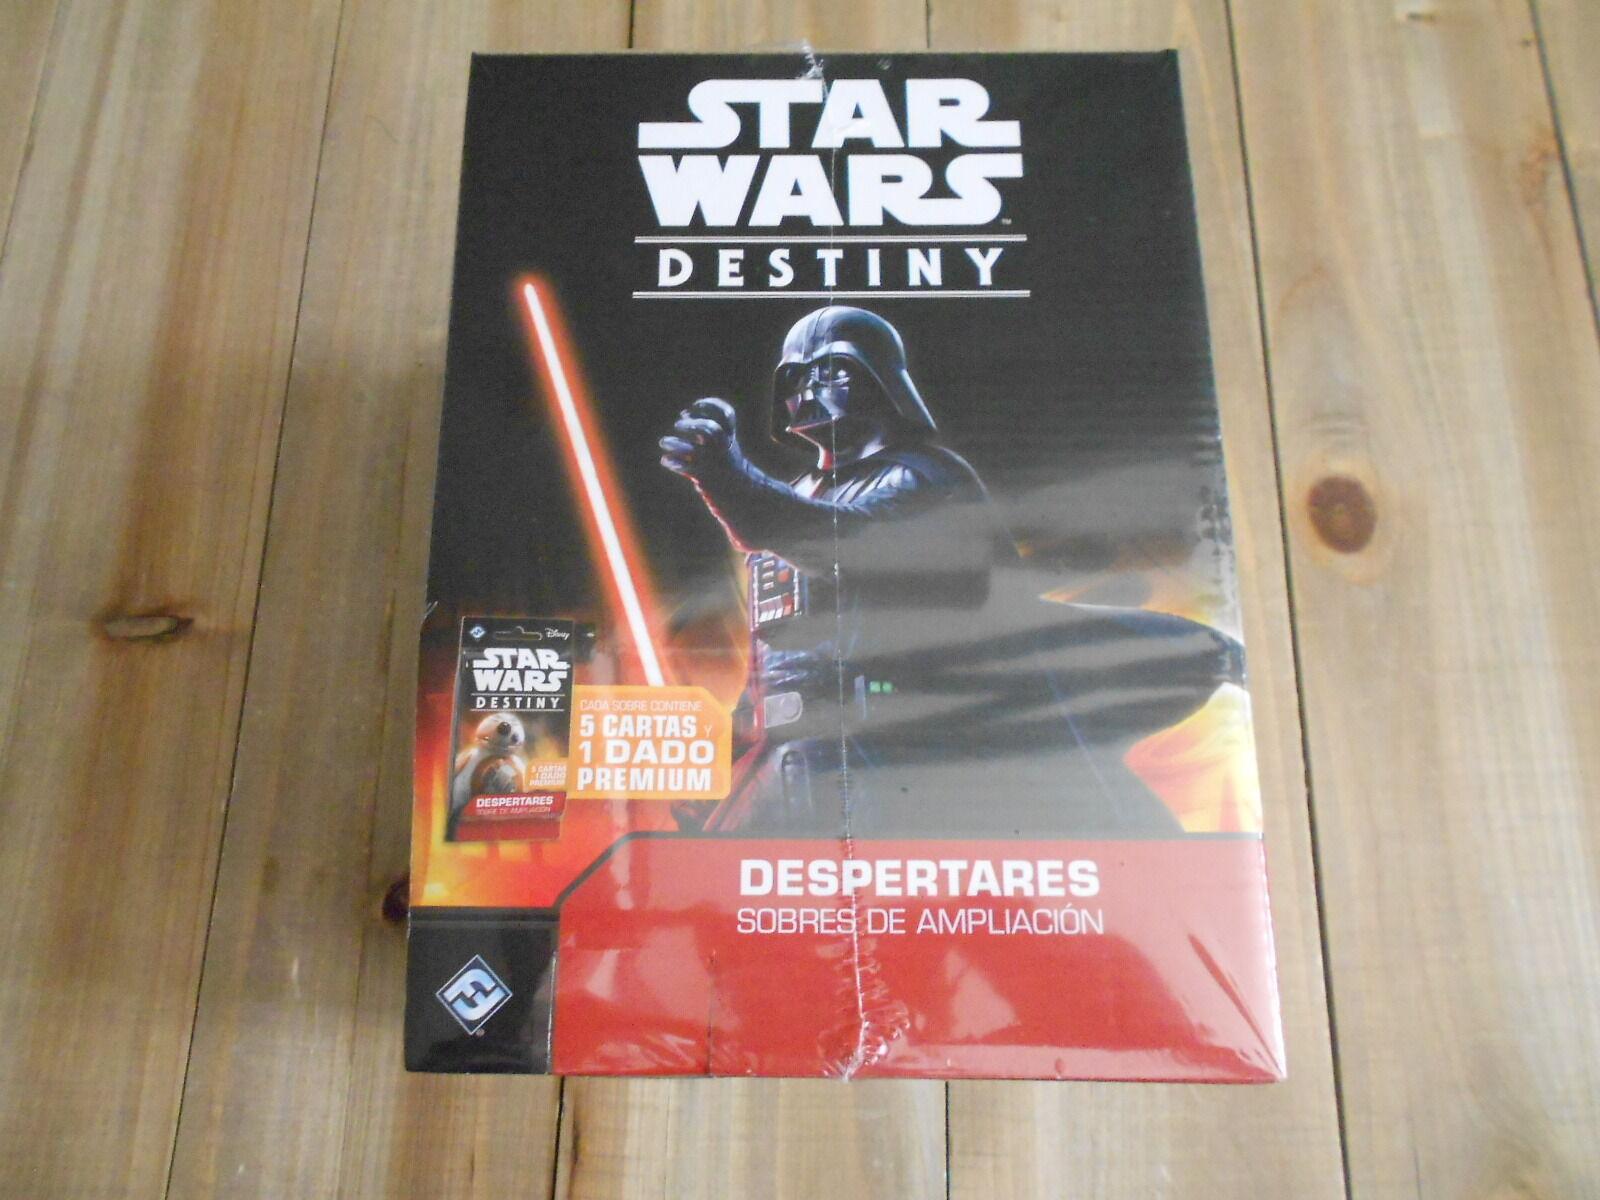 stjärnornas krig Destiny - Booster Kit 36 Envelopeppes R 65533;65533;slöjor --fantasi Fljus spel